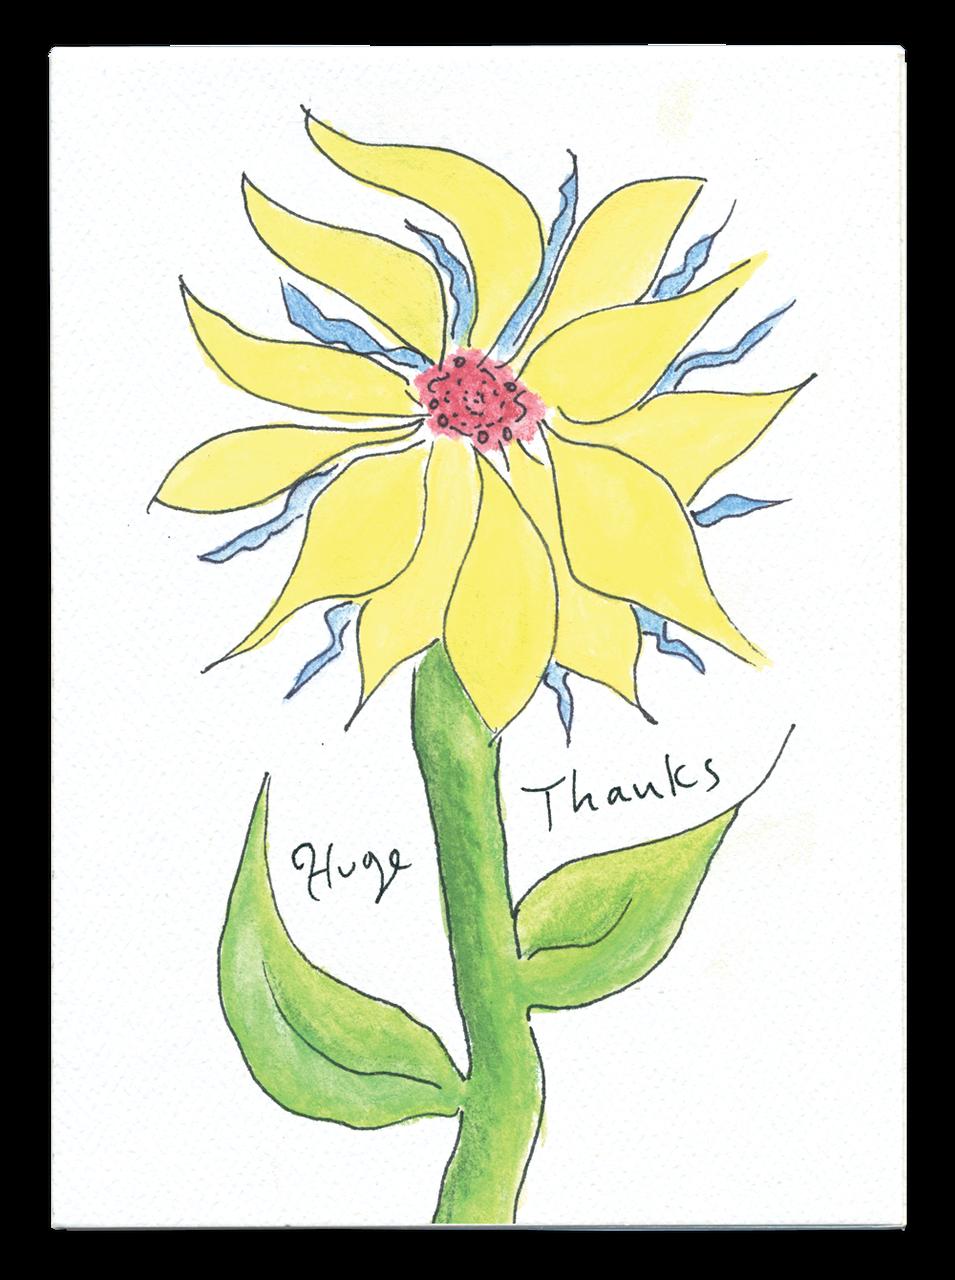 Huge Thanks (Flower)